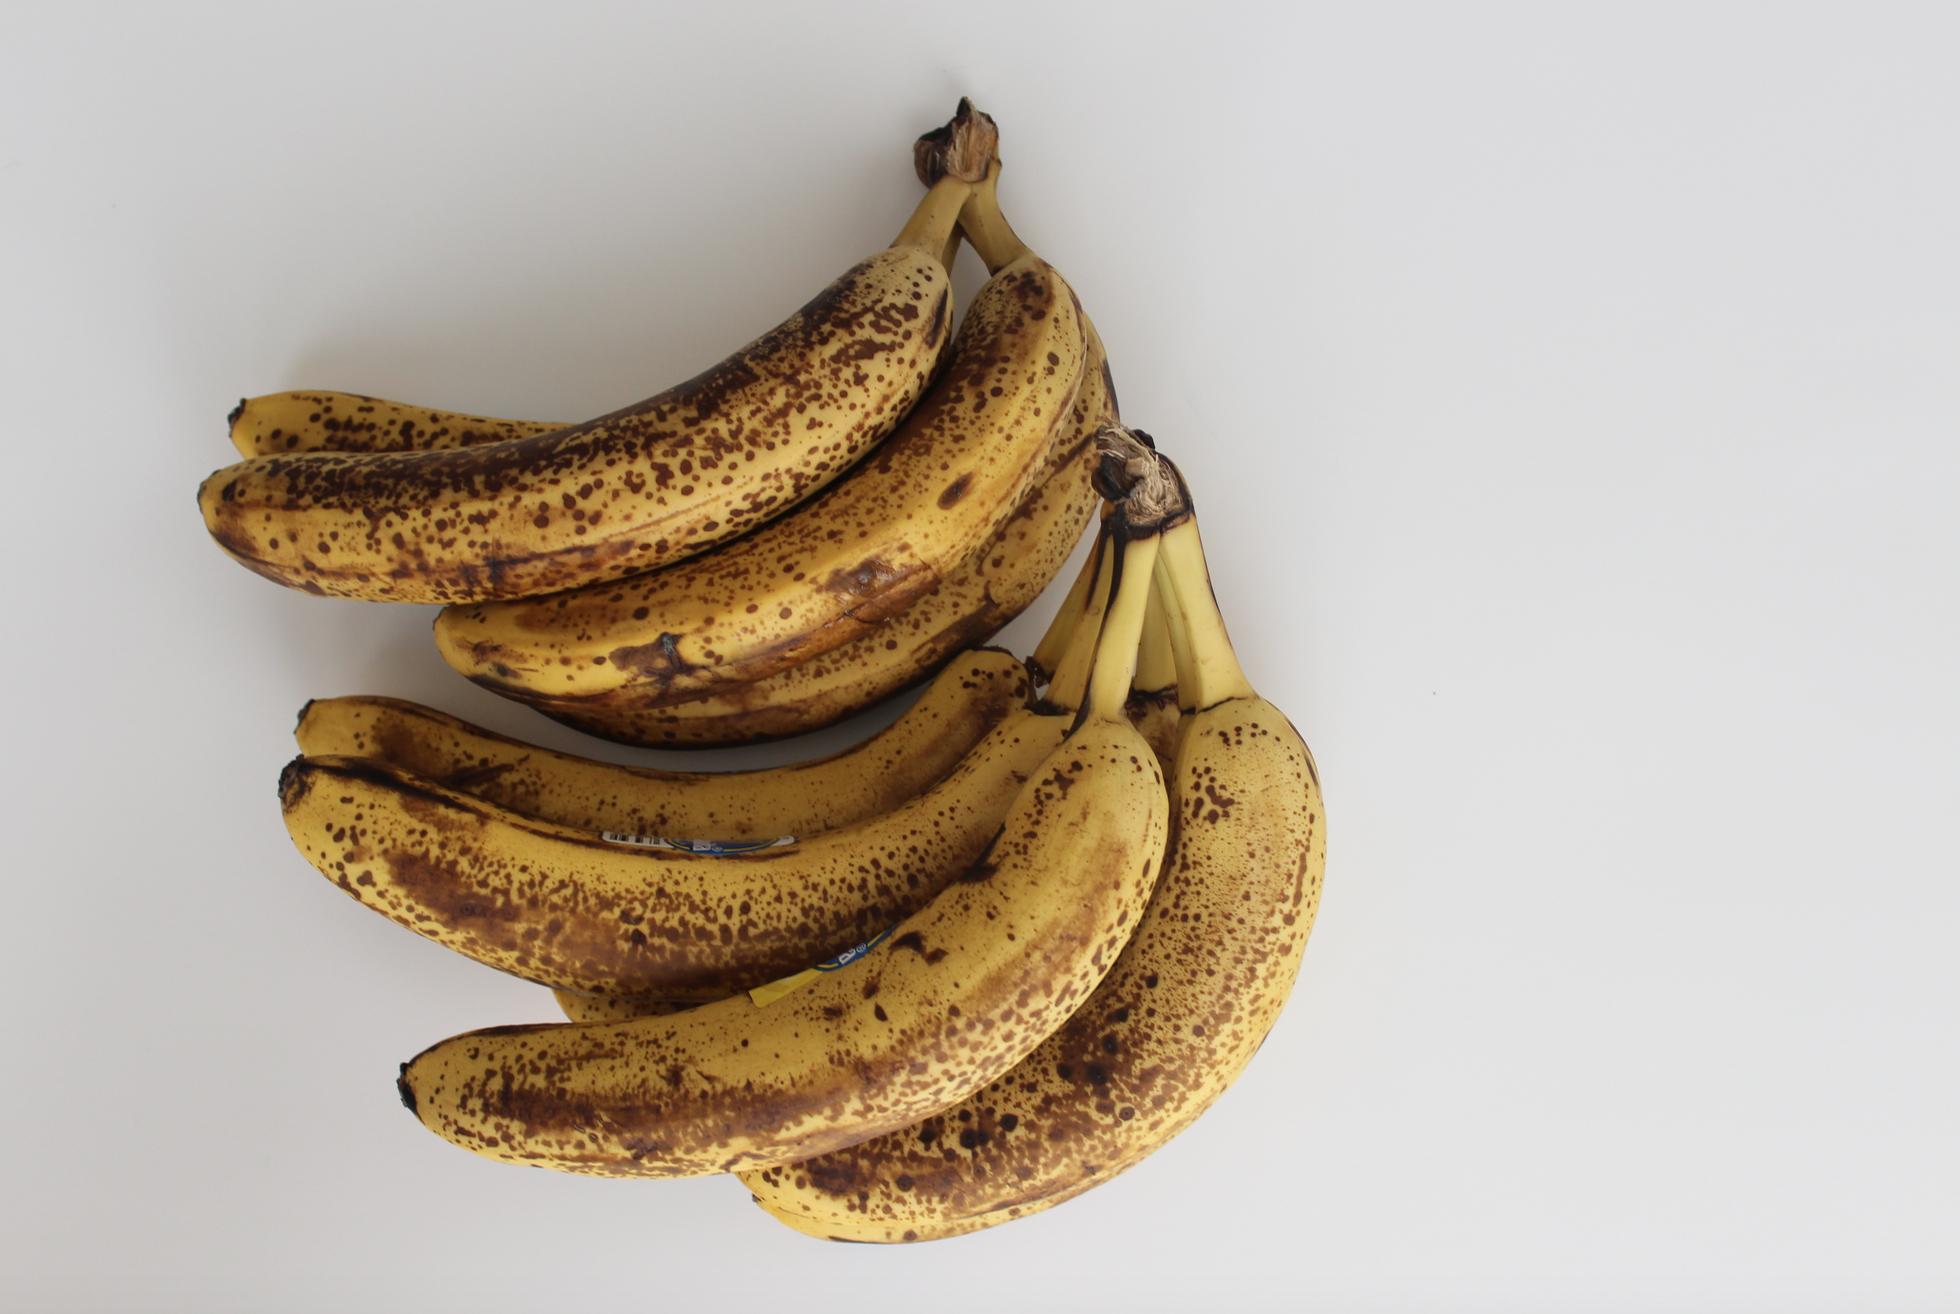 55 Ways to Use Ripe Bananas